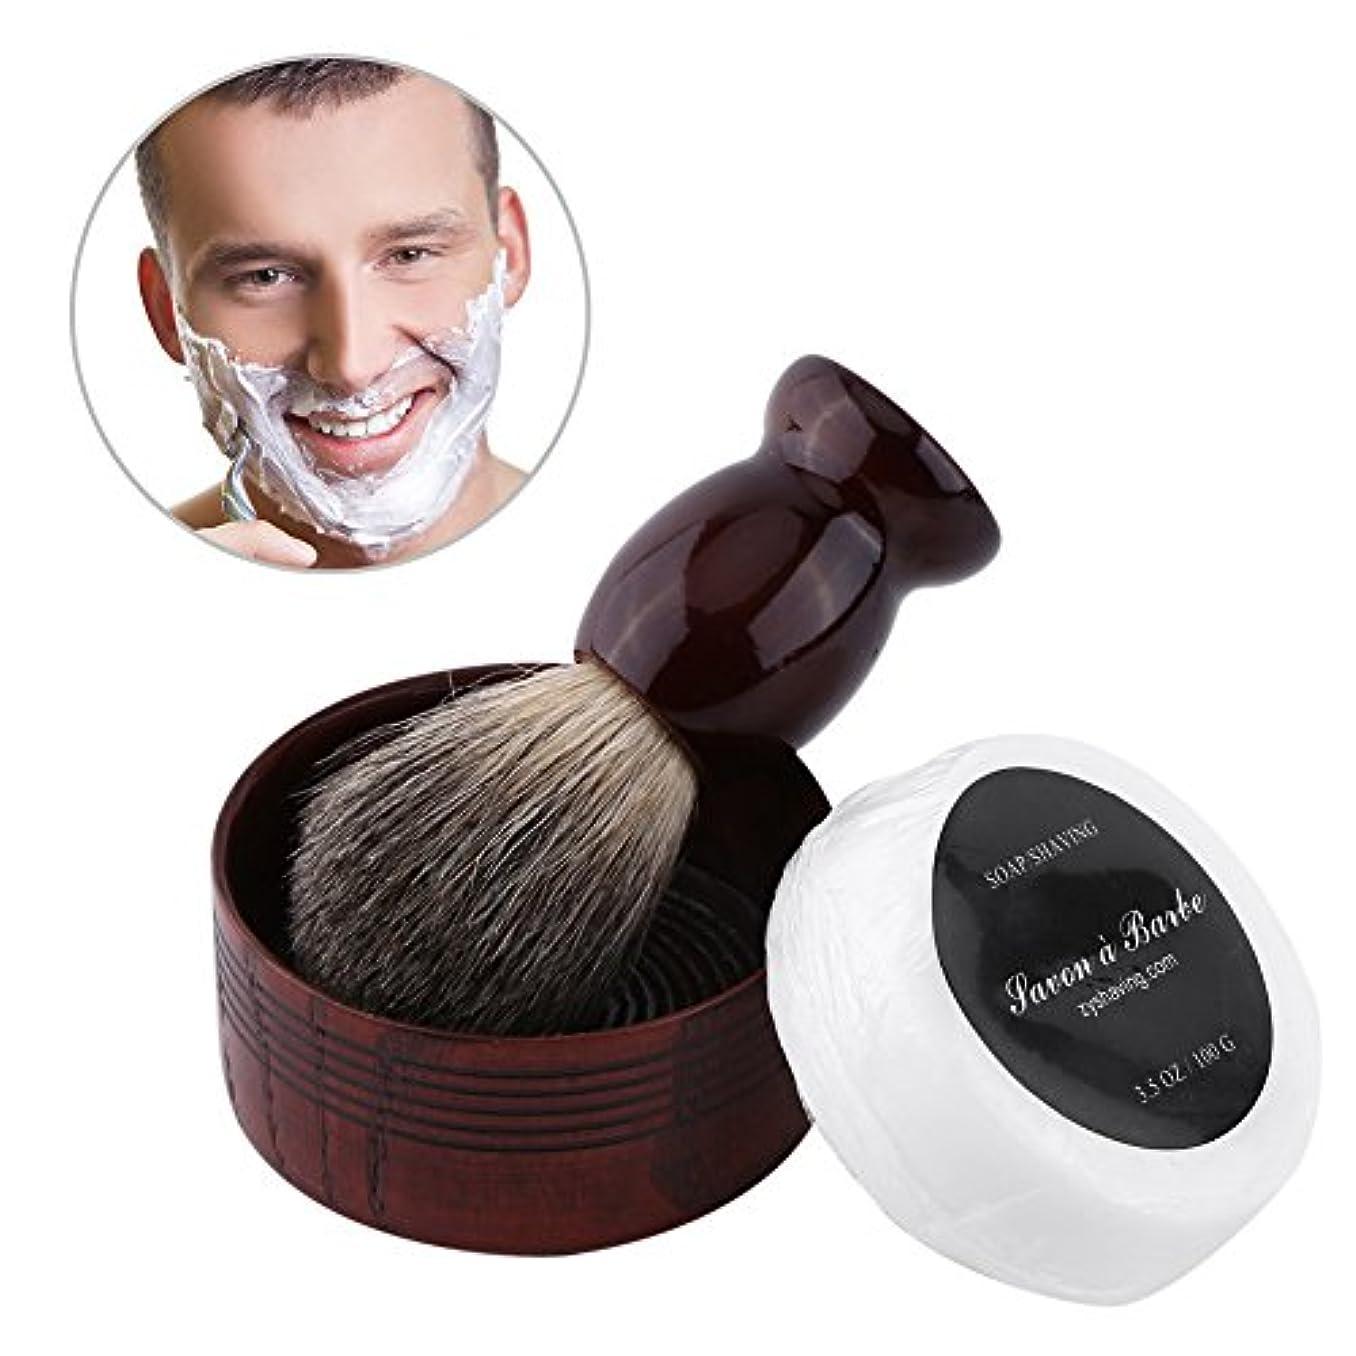 困ったバーとまり木ひげブラシ、メンズシェービングブラシ 泡立ち ひげブラシ 理容 洗顔 髭剃り シェービングブラシ +ハンドメイドソープ+シェービングボウル メンズ ポータブルひげ剃り美容ツール